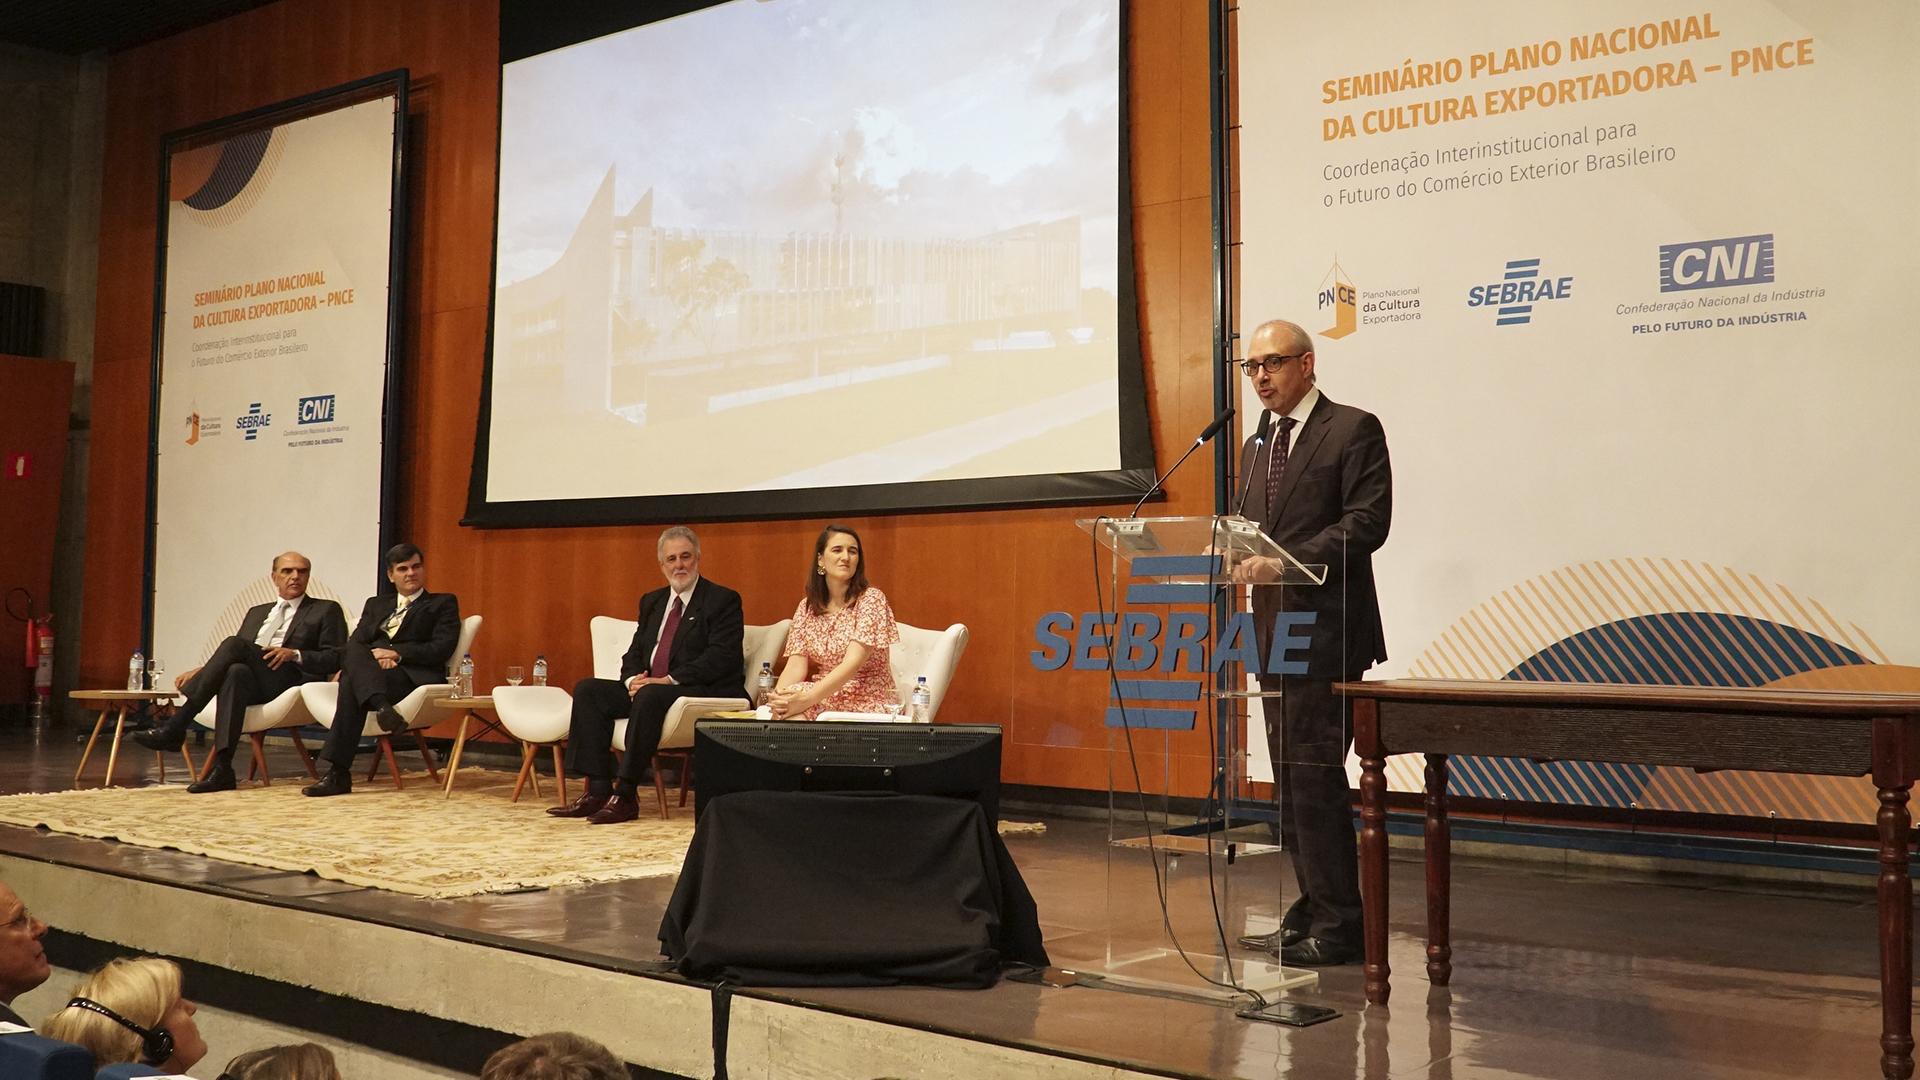 Seminário Plano Nacional da Cultura Exportadora – PNCE